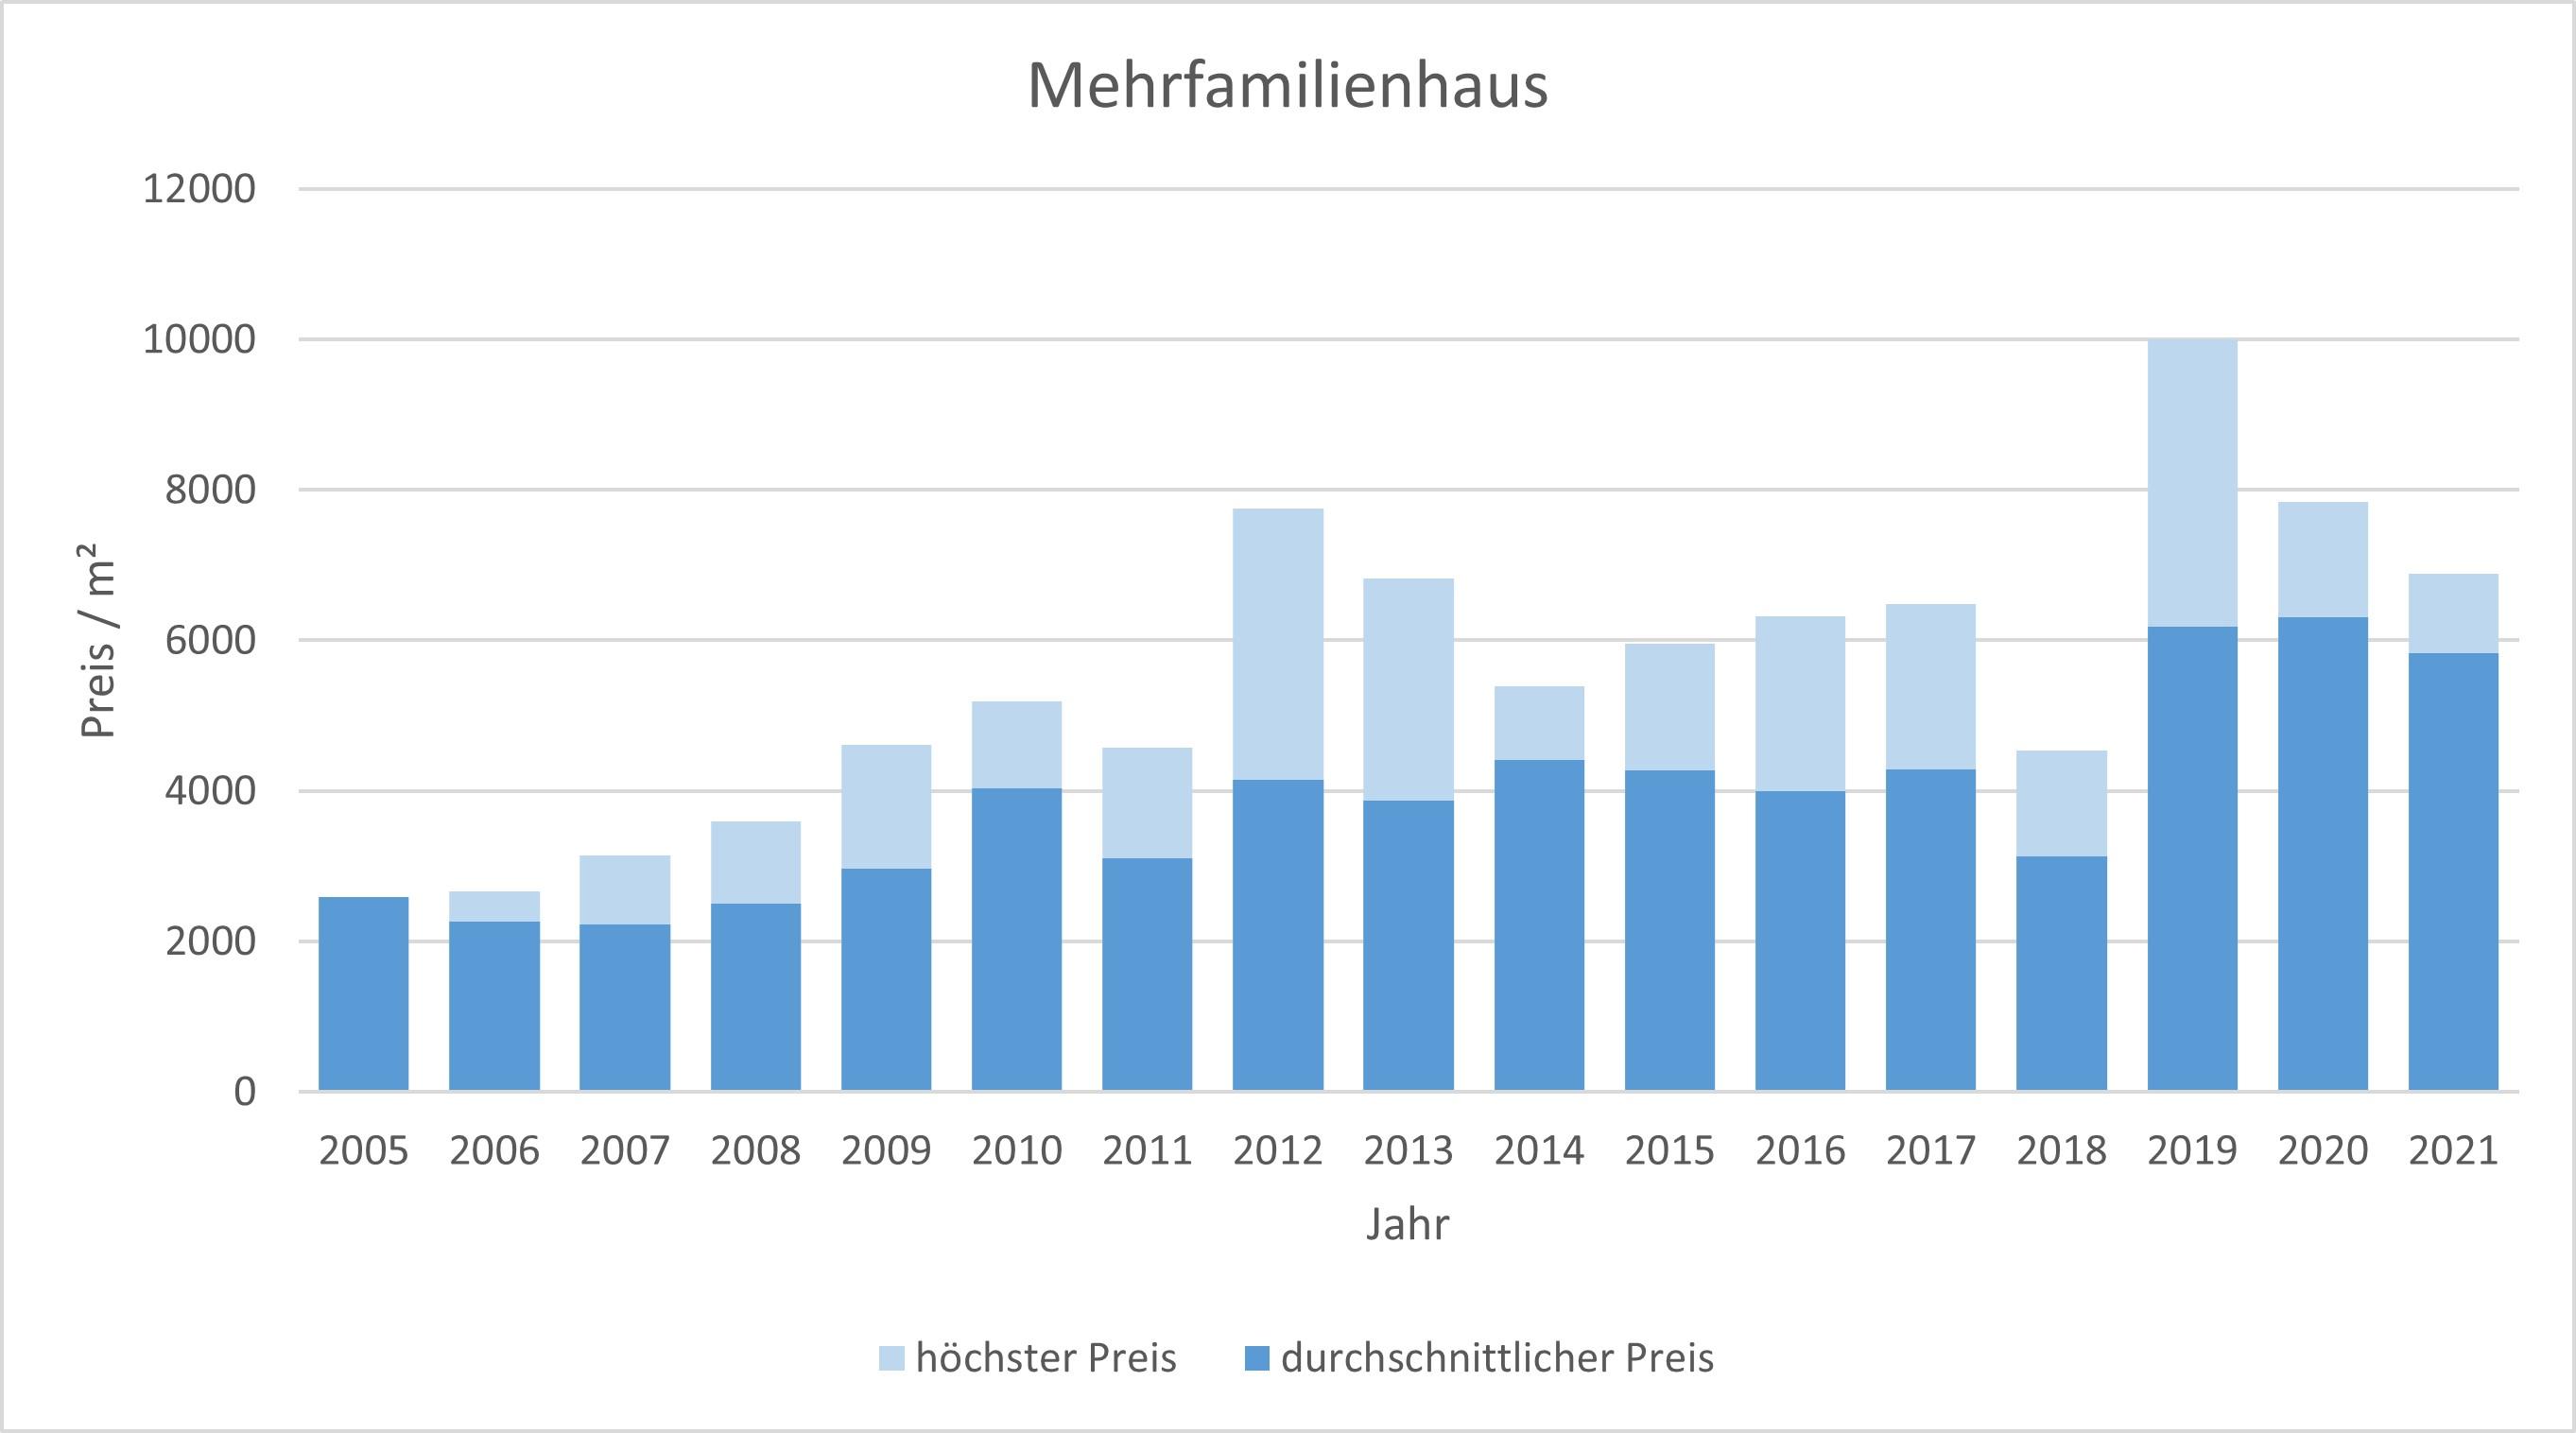 Herrsching Mehrfamilienhaus kaufen verkaufen Preis Bewertung Makler 2019 2020 2021  www.happy-immo.de